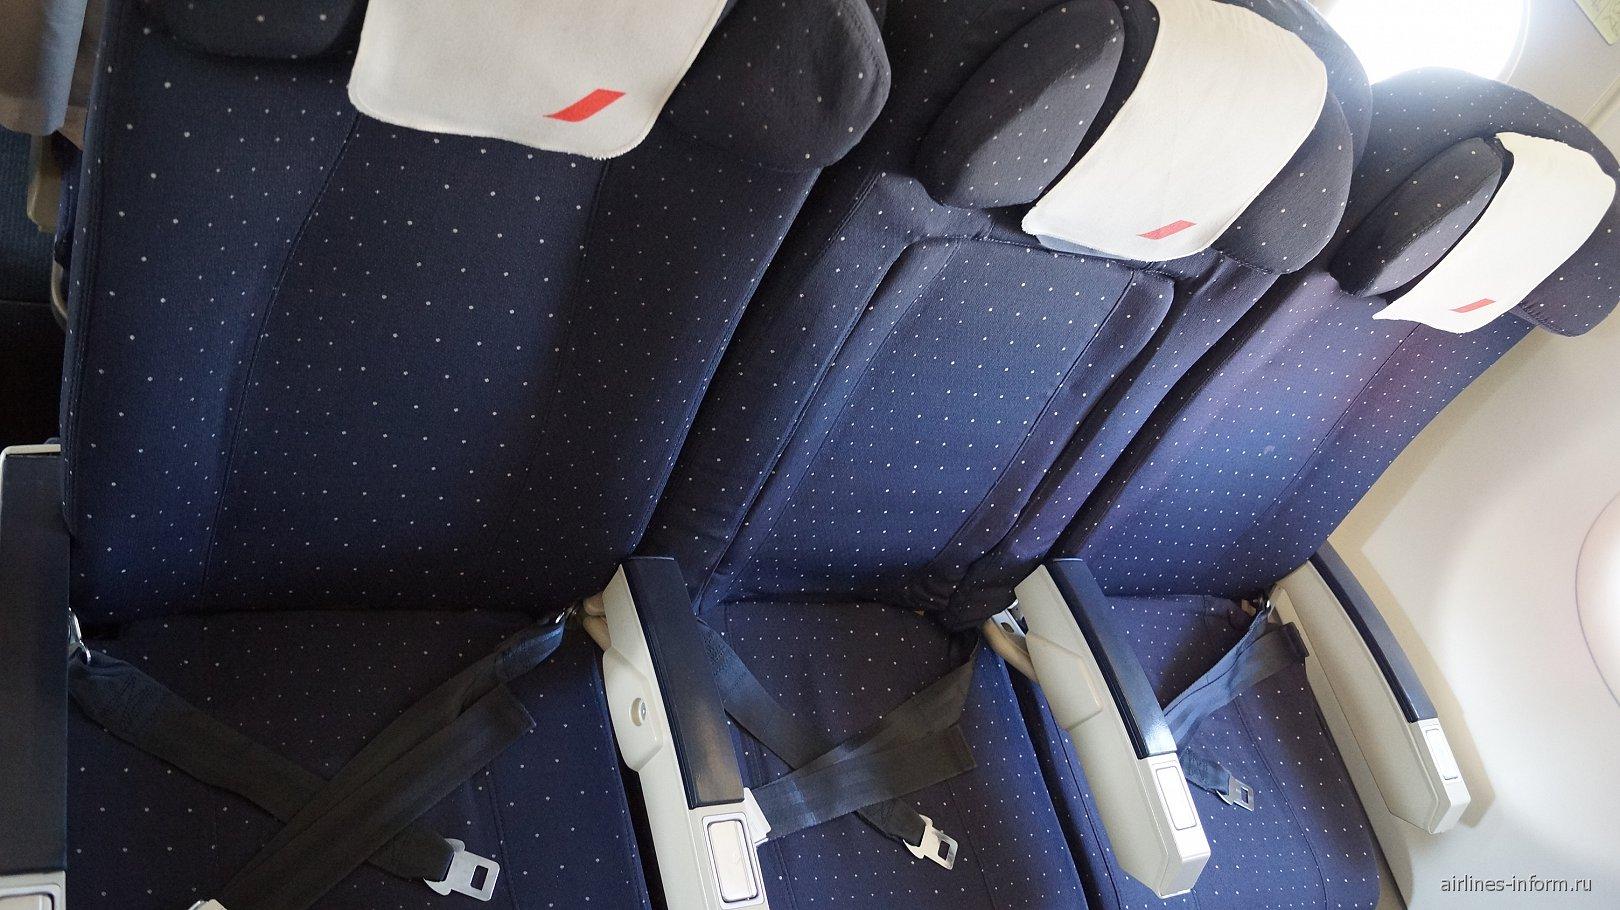 Экономический класс в самолете Airbus A321 авиакомпании Air France